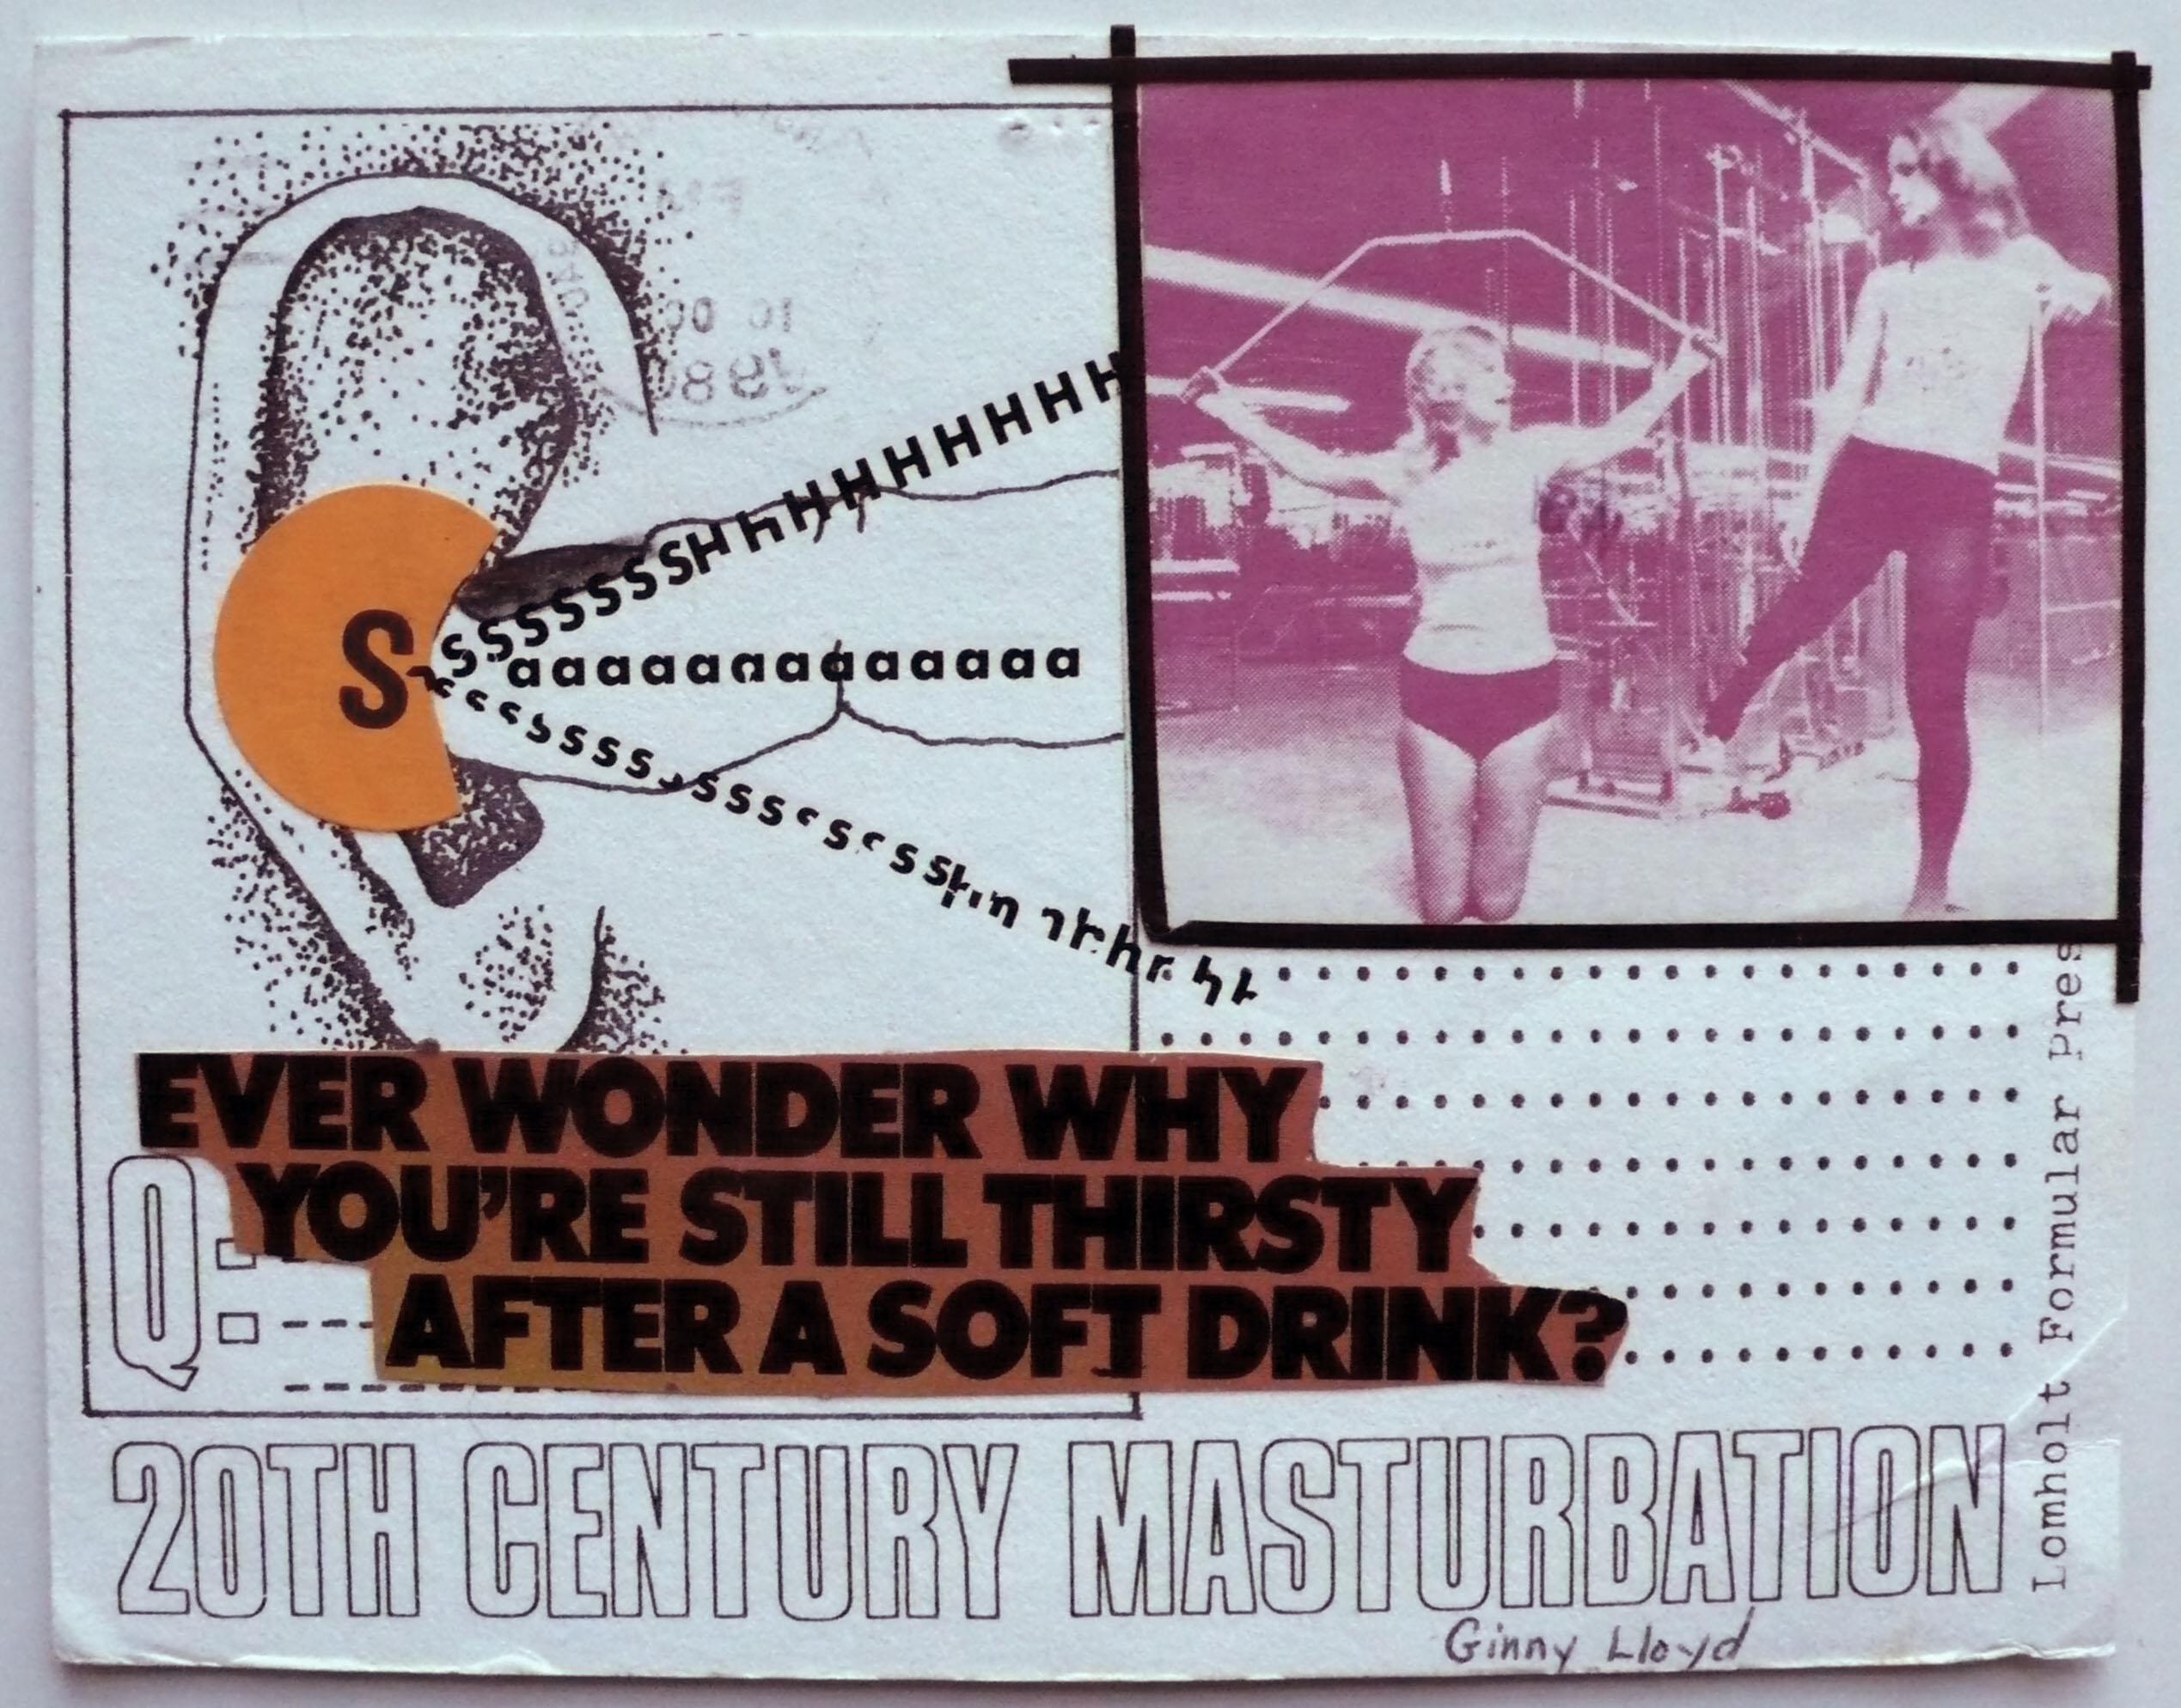 Masturbation in 20th century art